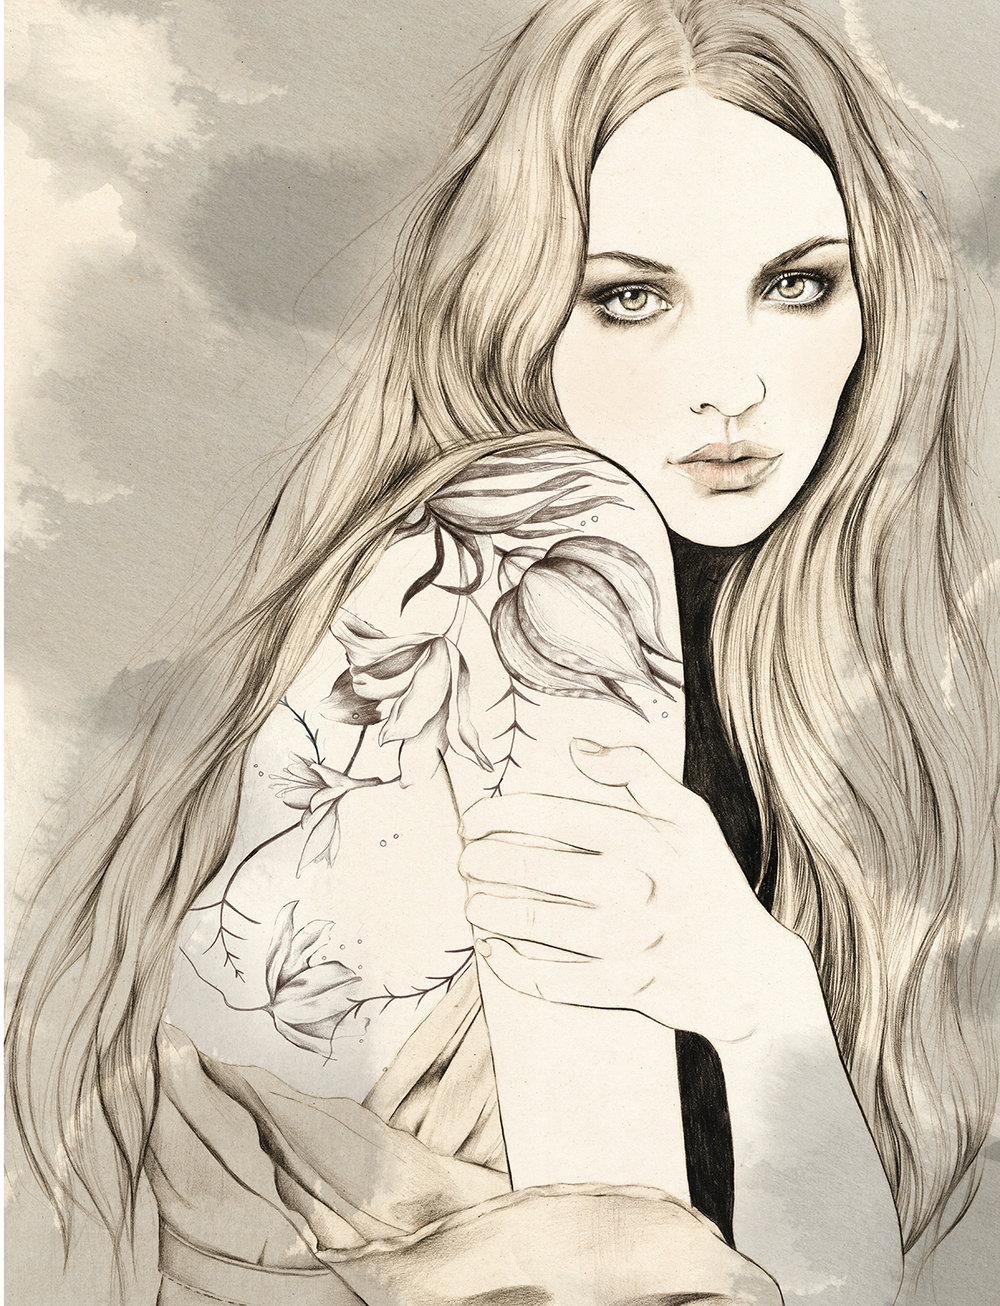 Kelly Thompson tattoo illustration www.kellythompsoncreative.com